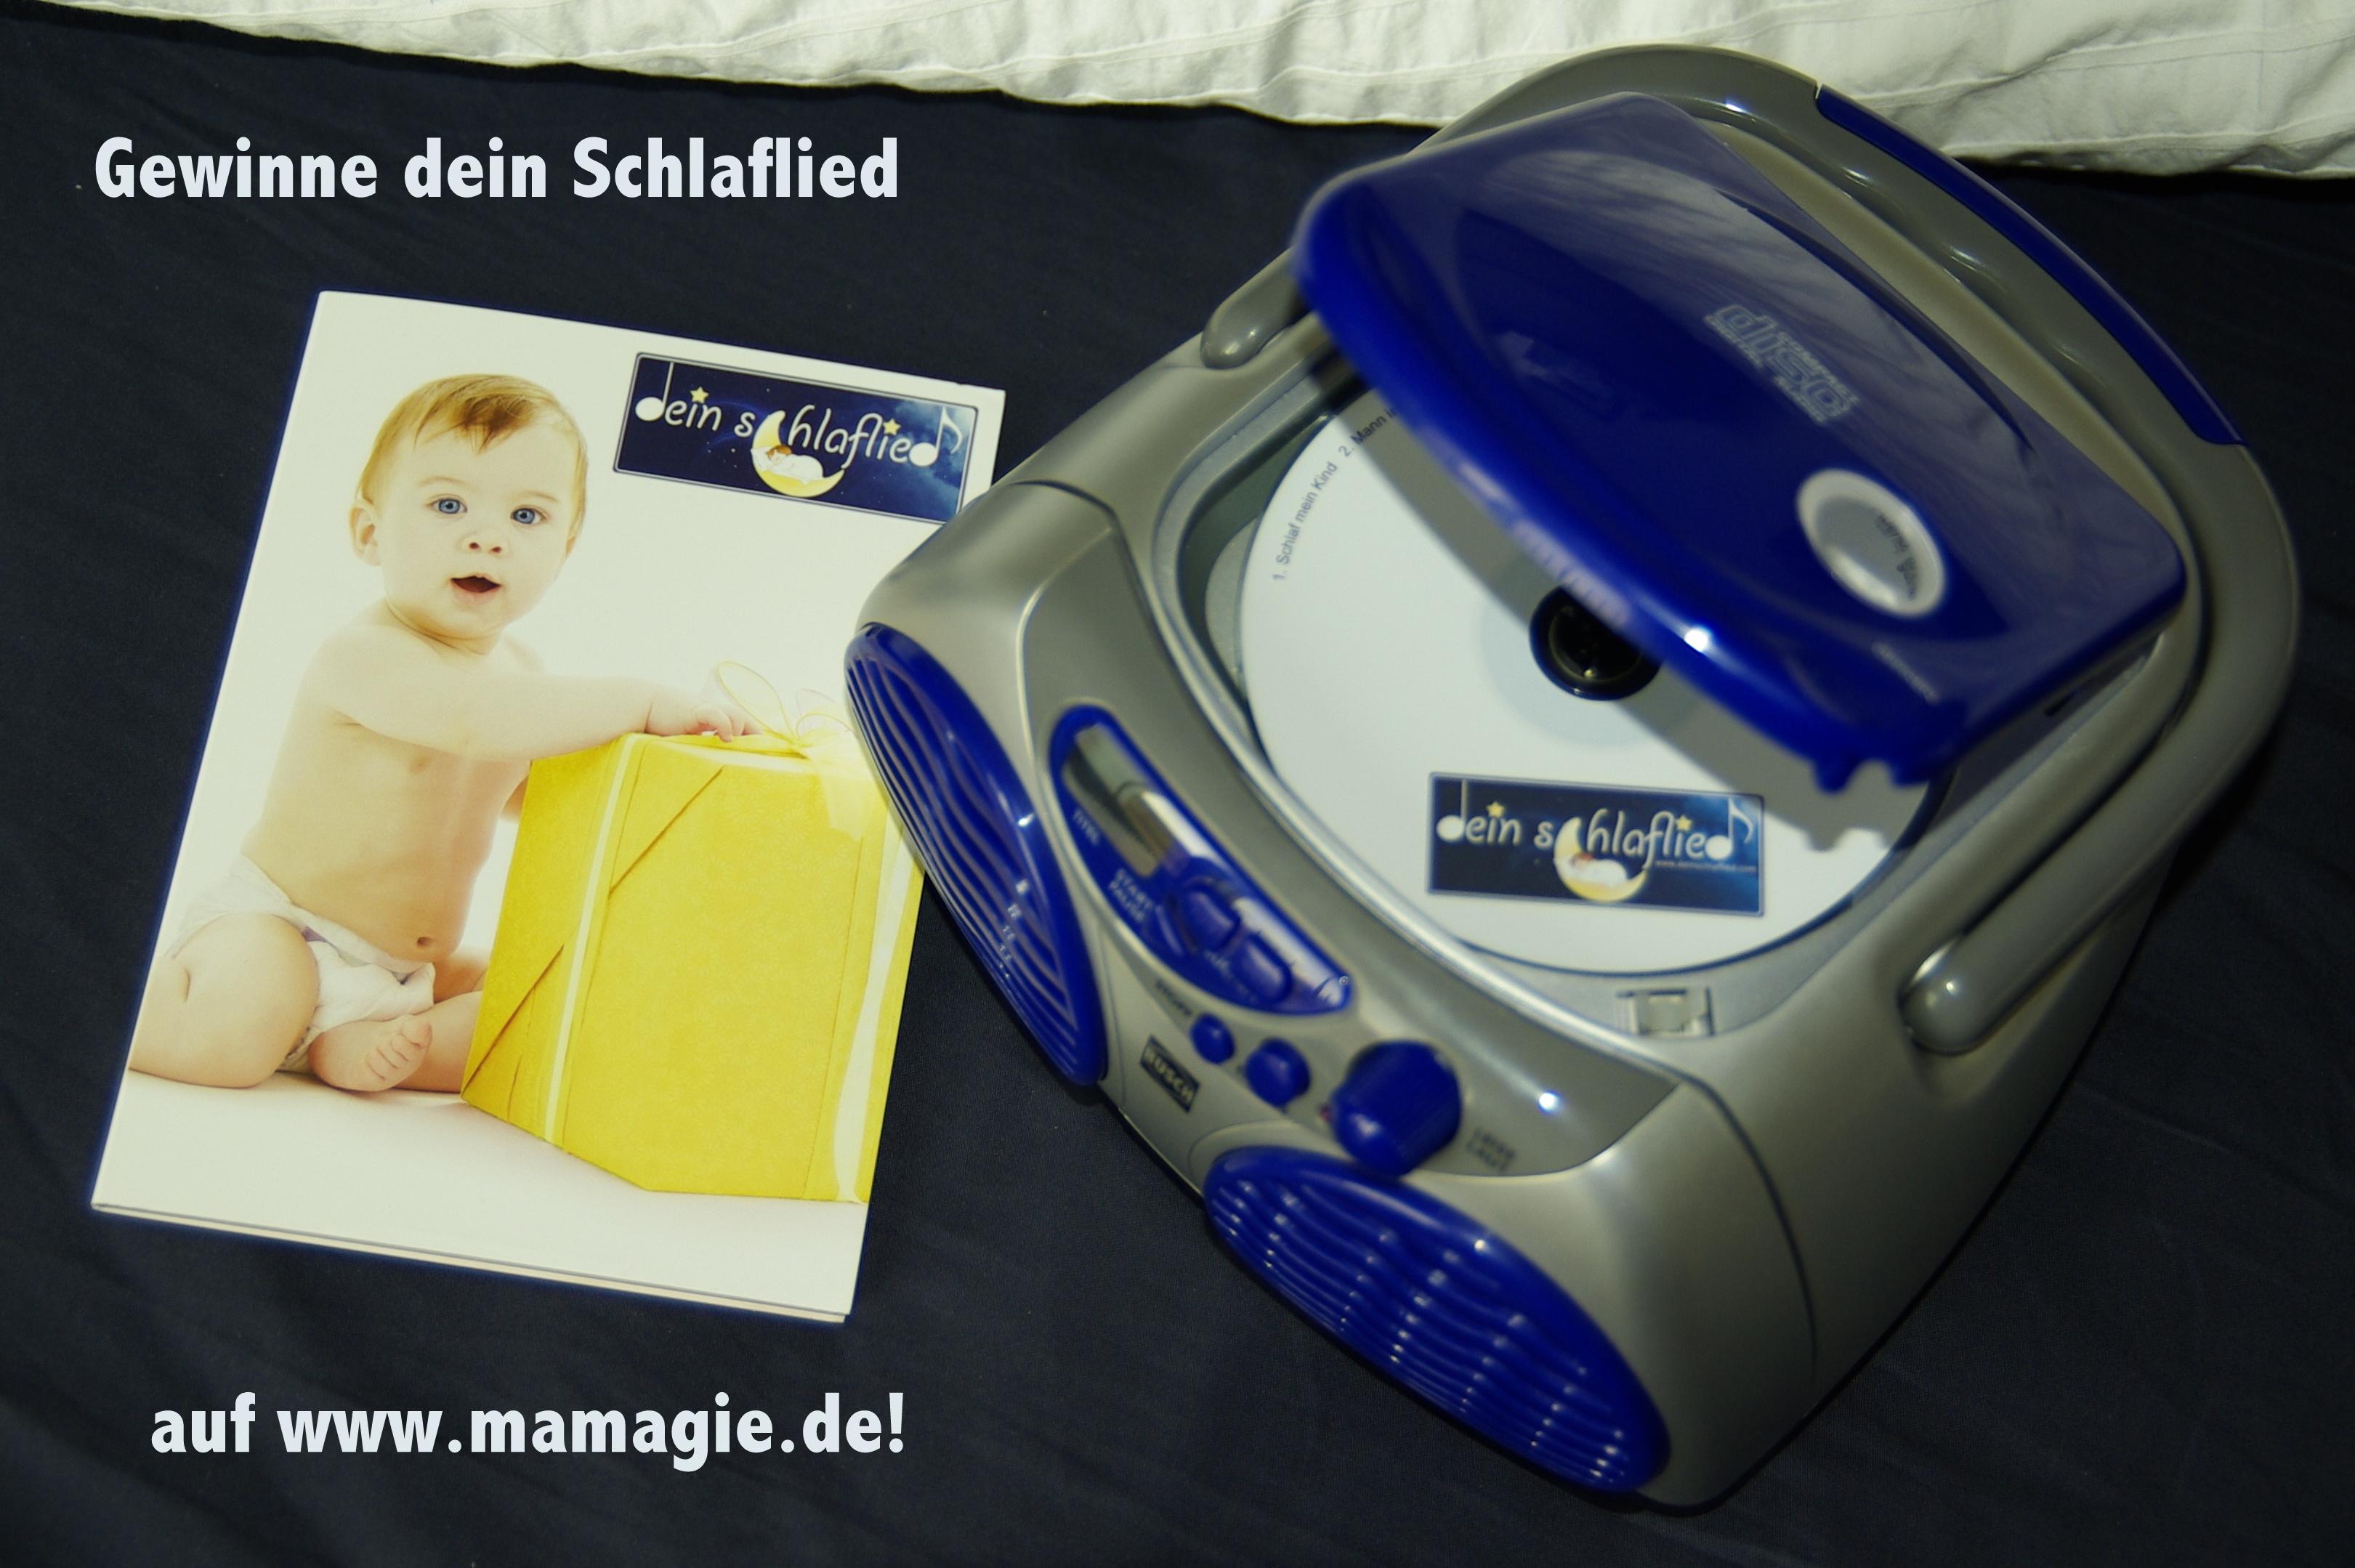 Gewinnspiel persönliche Schlaflieder-CD